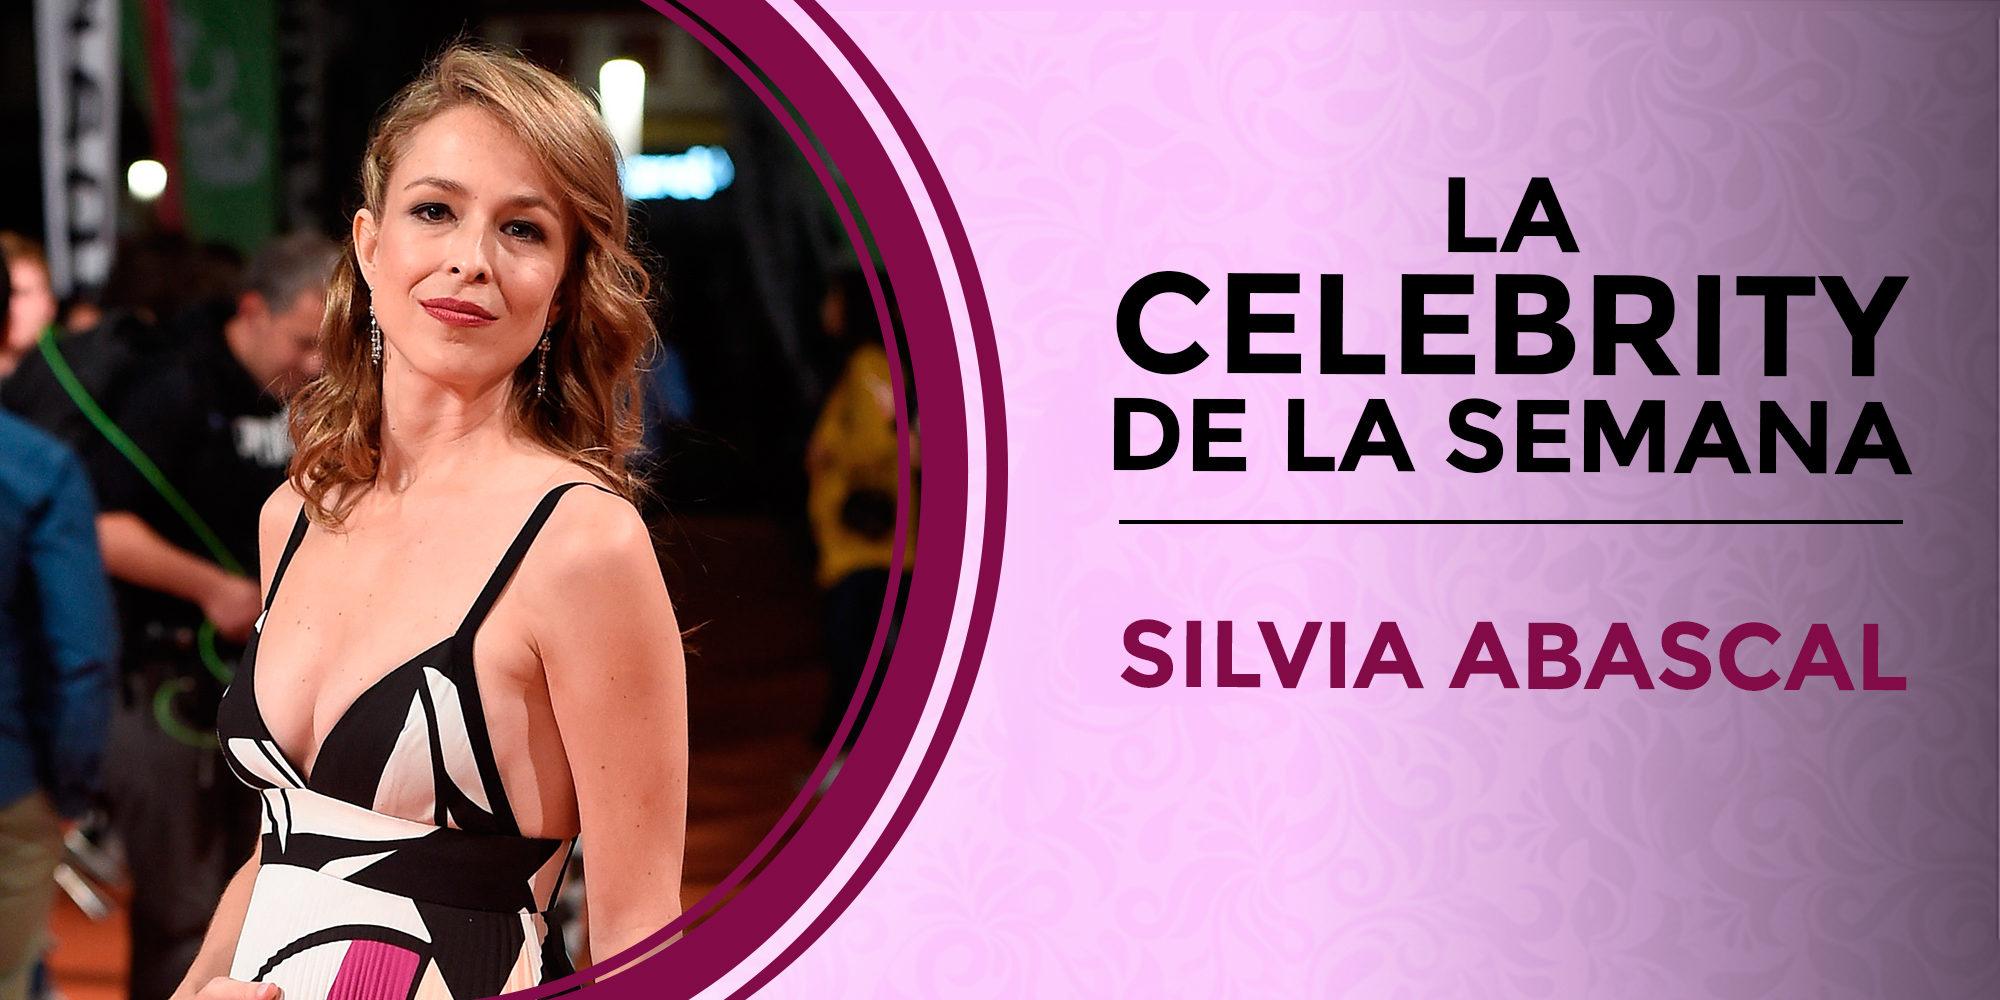 Silvia Abascal se convierte en la celebrity de la semana tras anunciar su embarazo